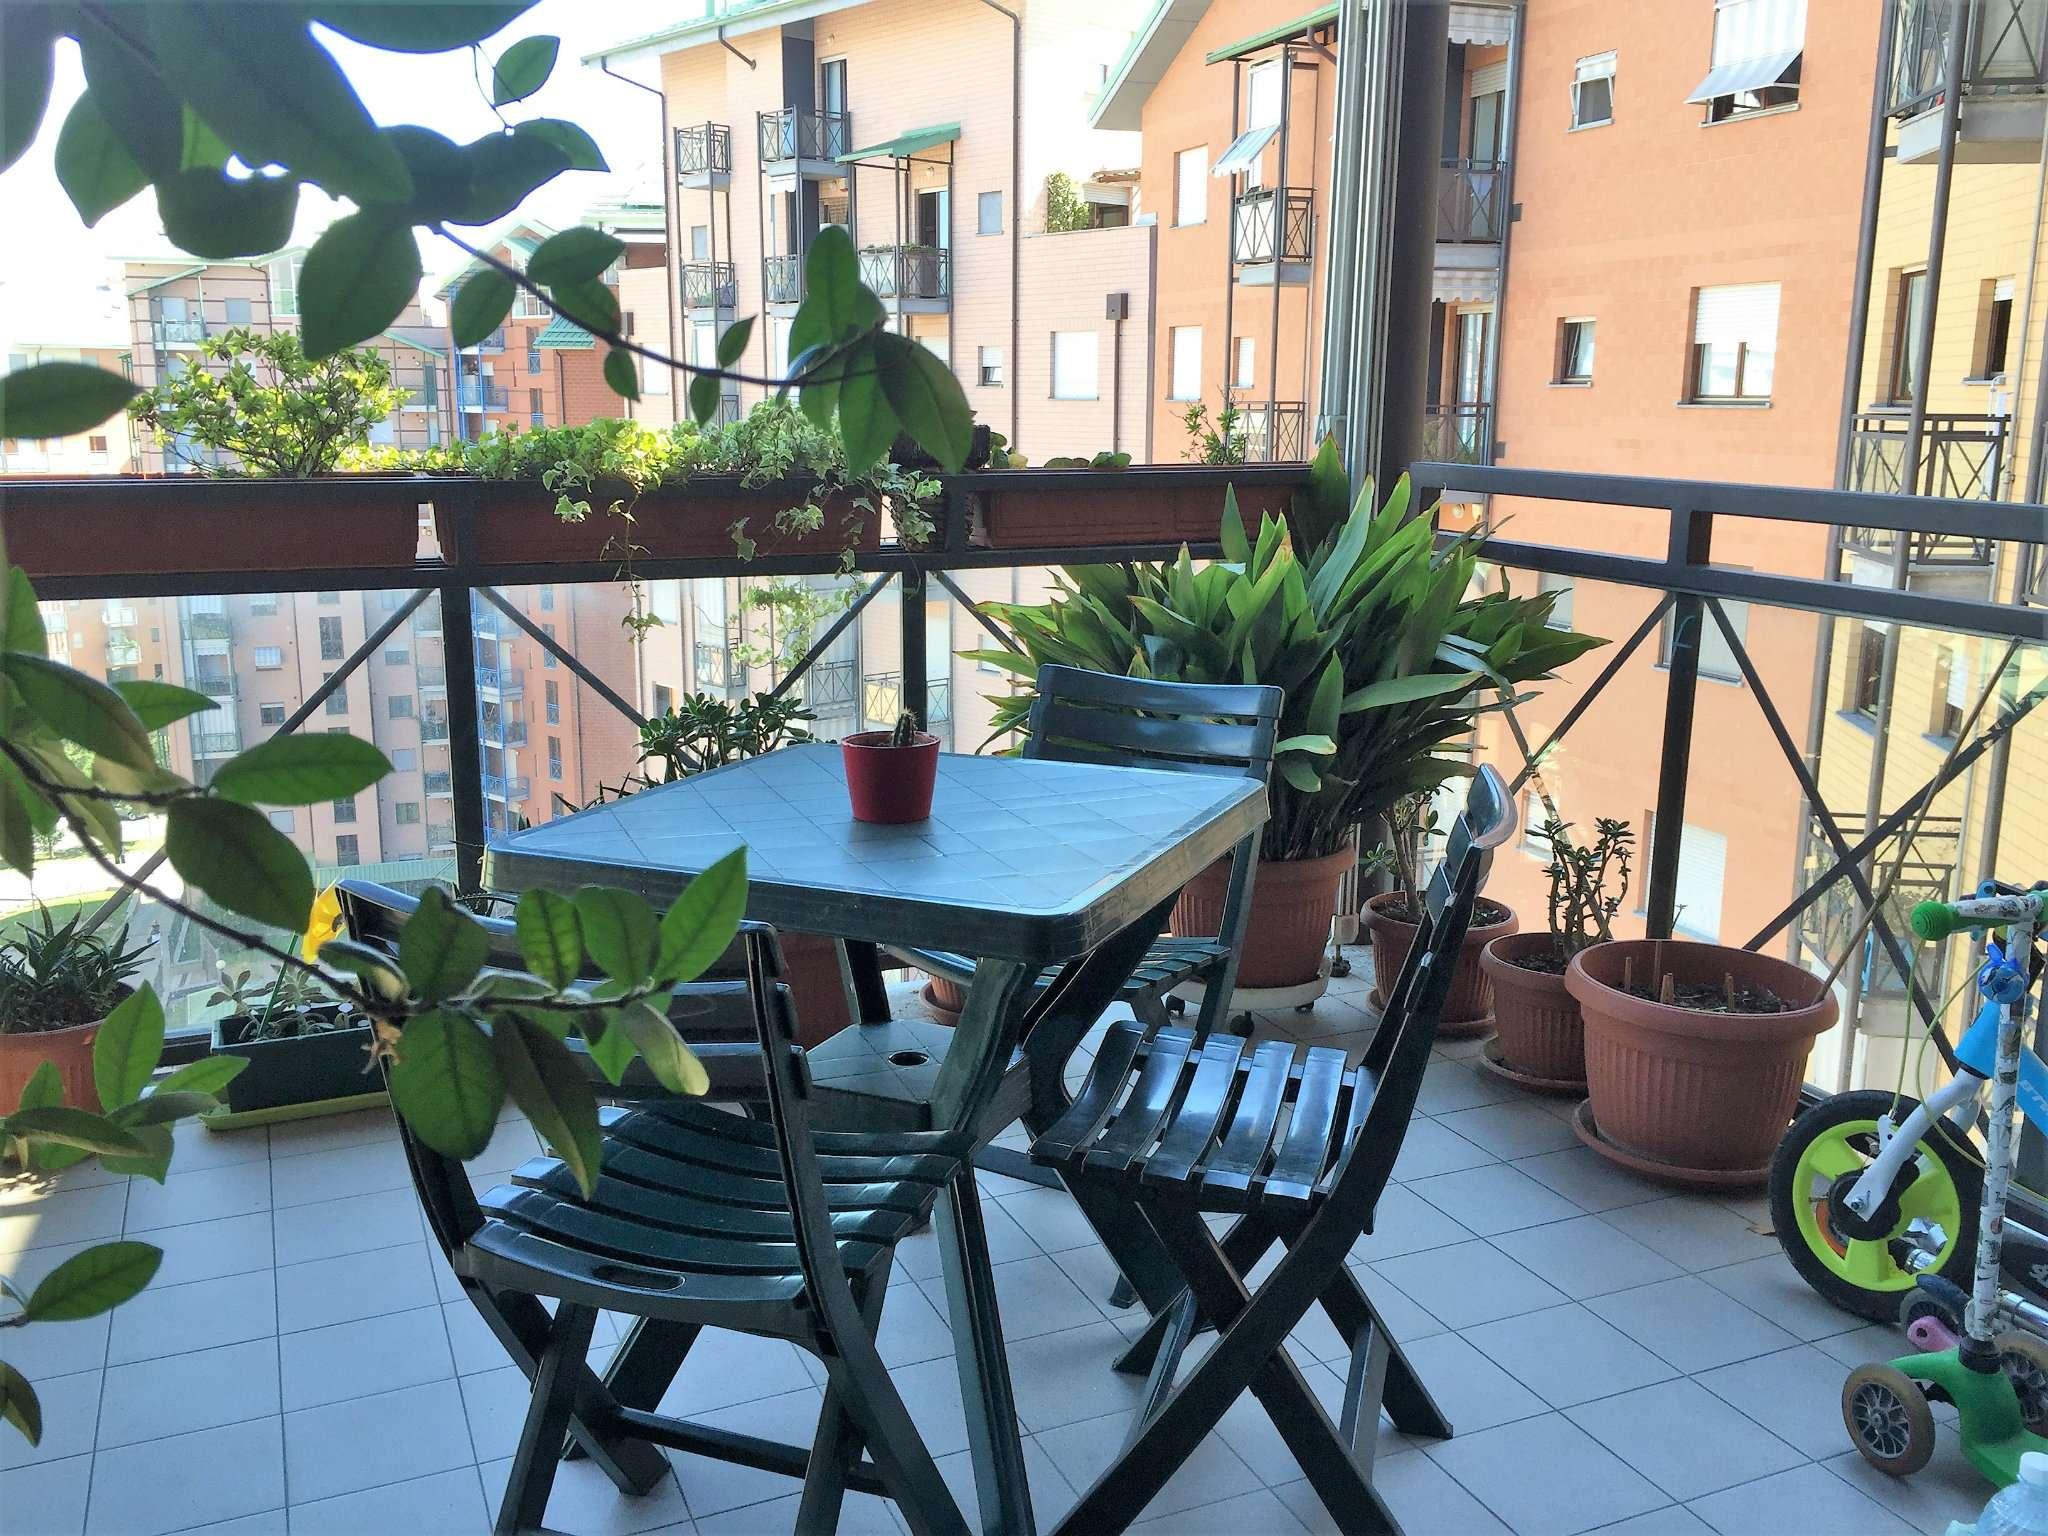 Foto 1 di Quadrilocale corso Enrico Gamba 24/4, Torino (zona Cit Turin, San Donato, Campidoglio)